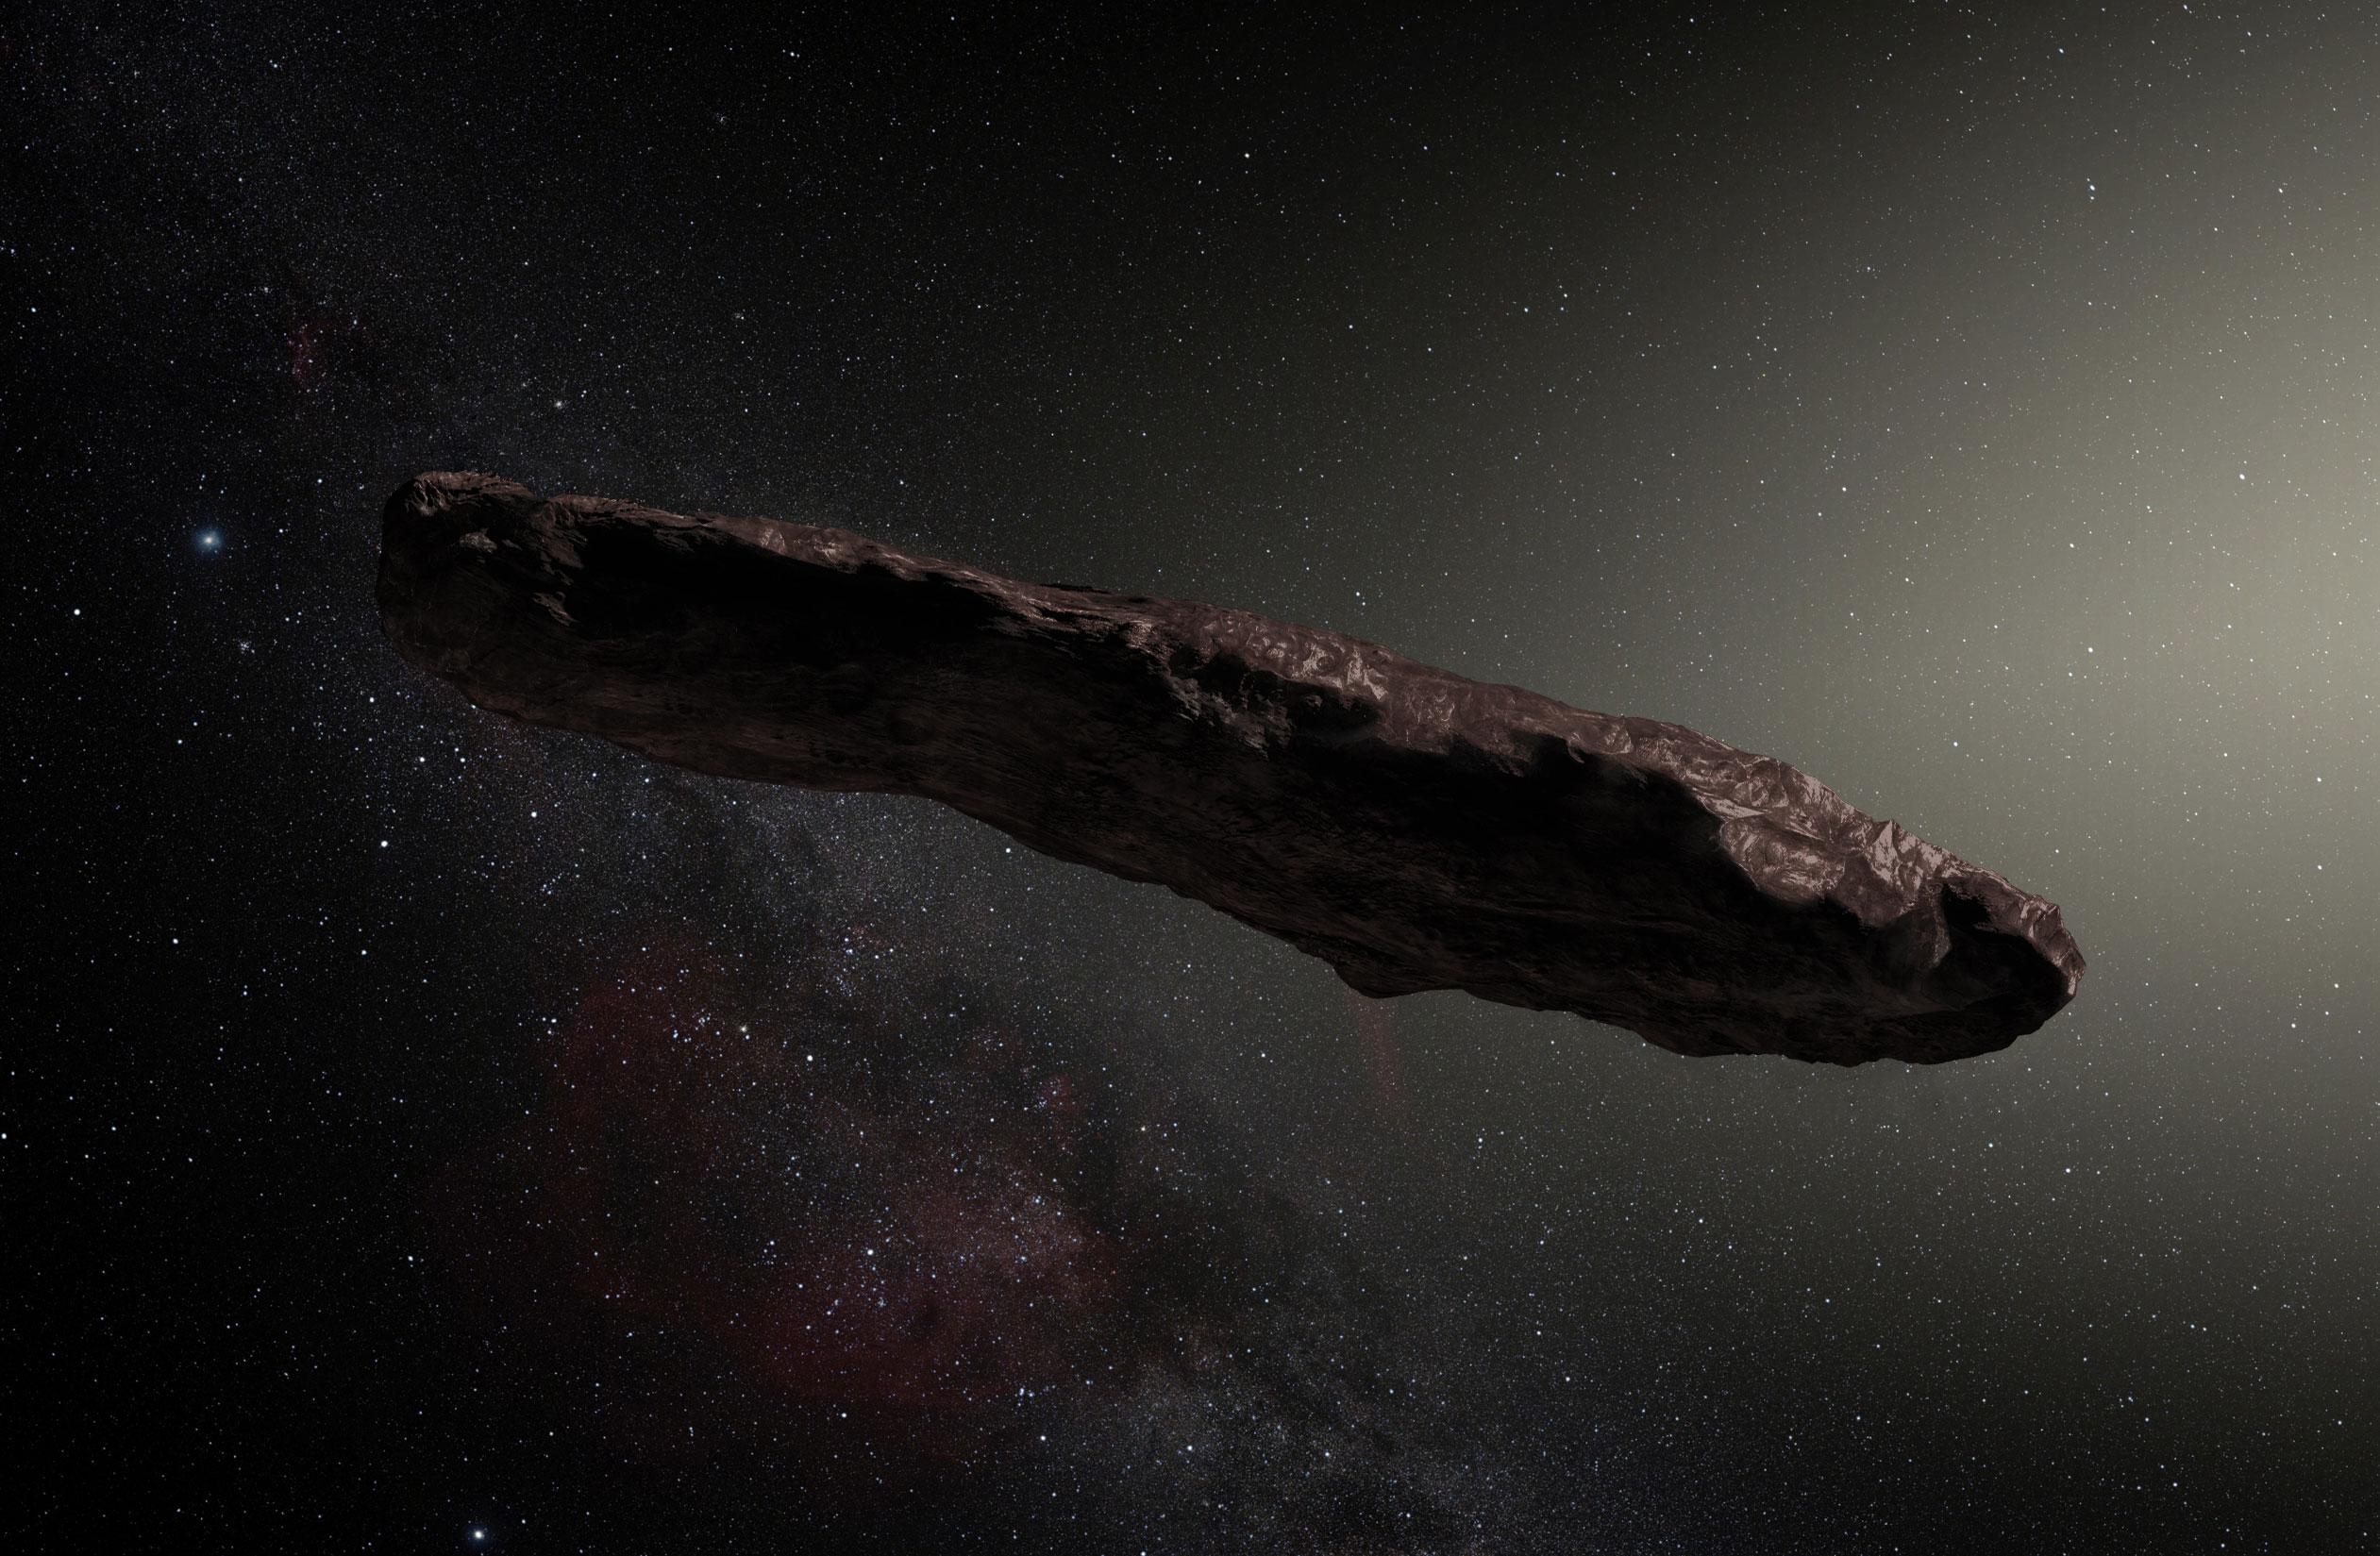 Imagem de Estranho objeto interestelar na forma de charuto pode ser sonda alienígena no tecmundo